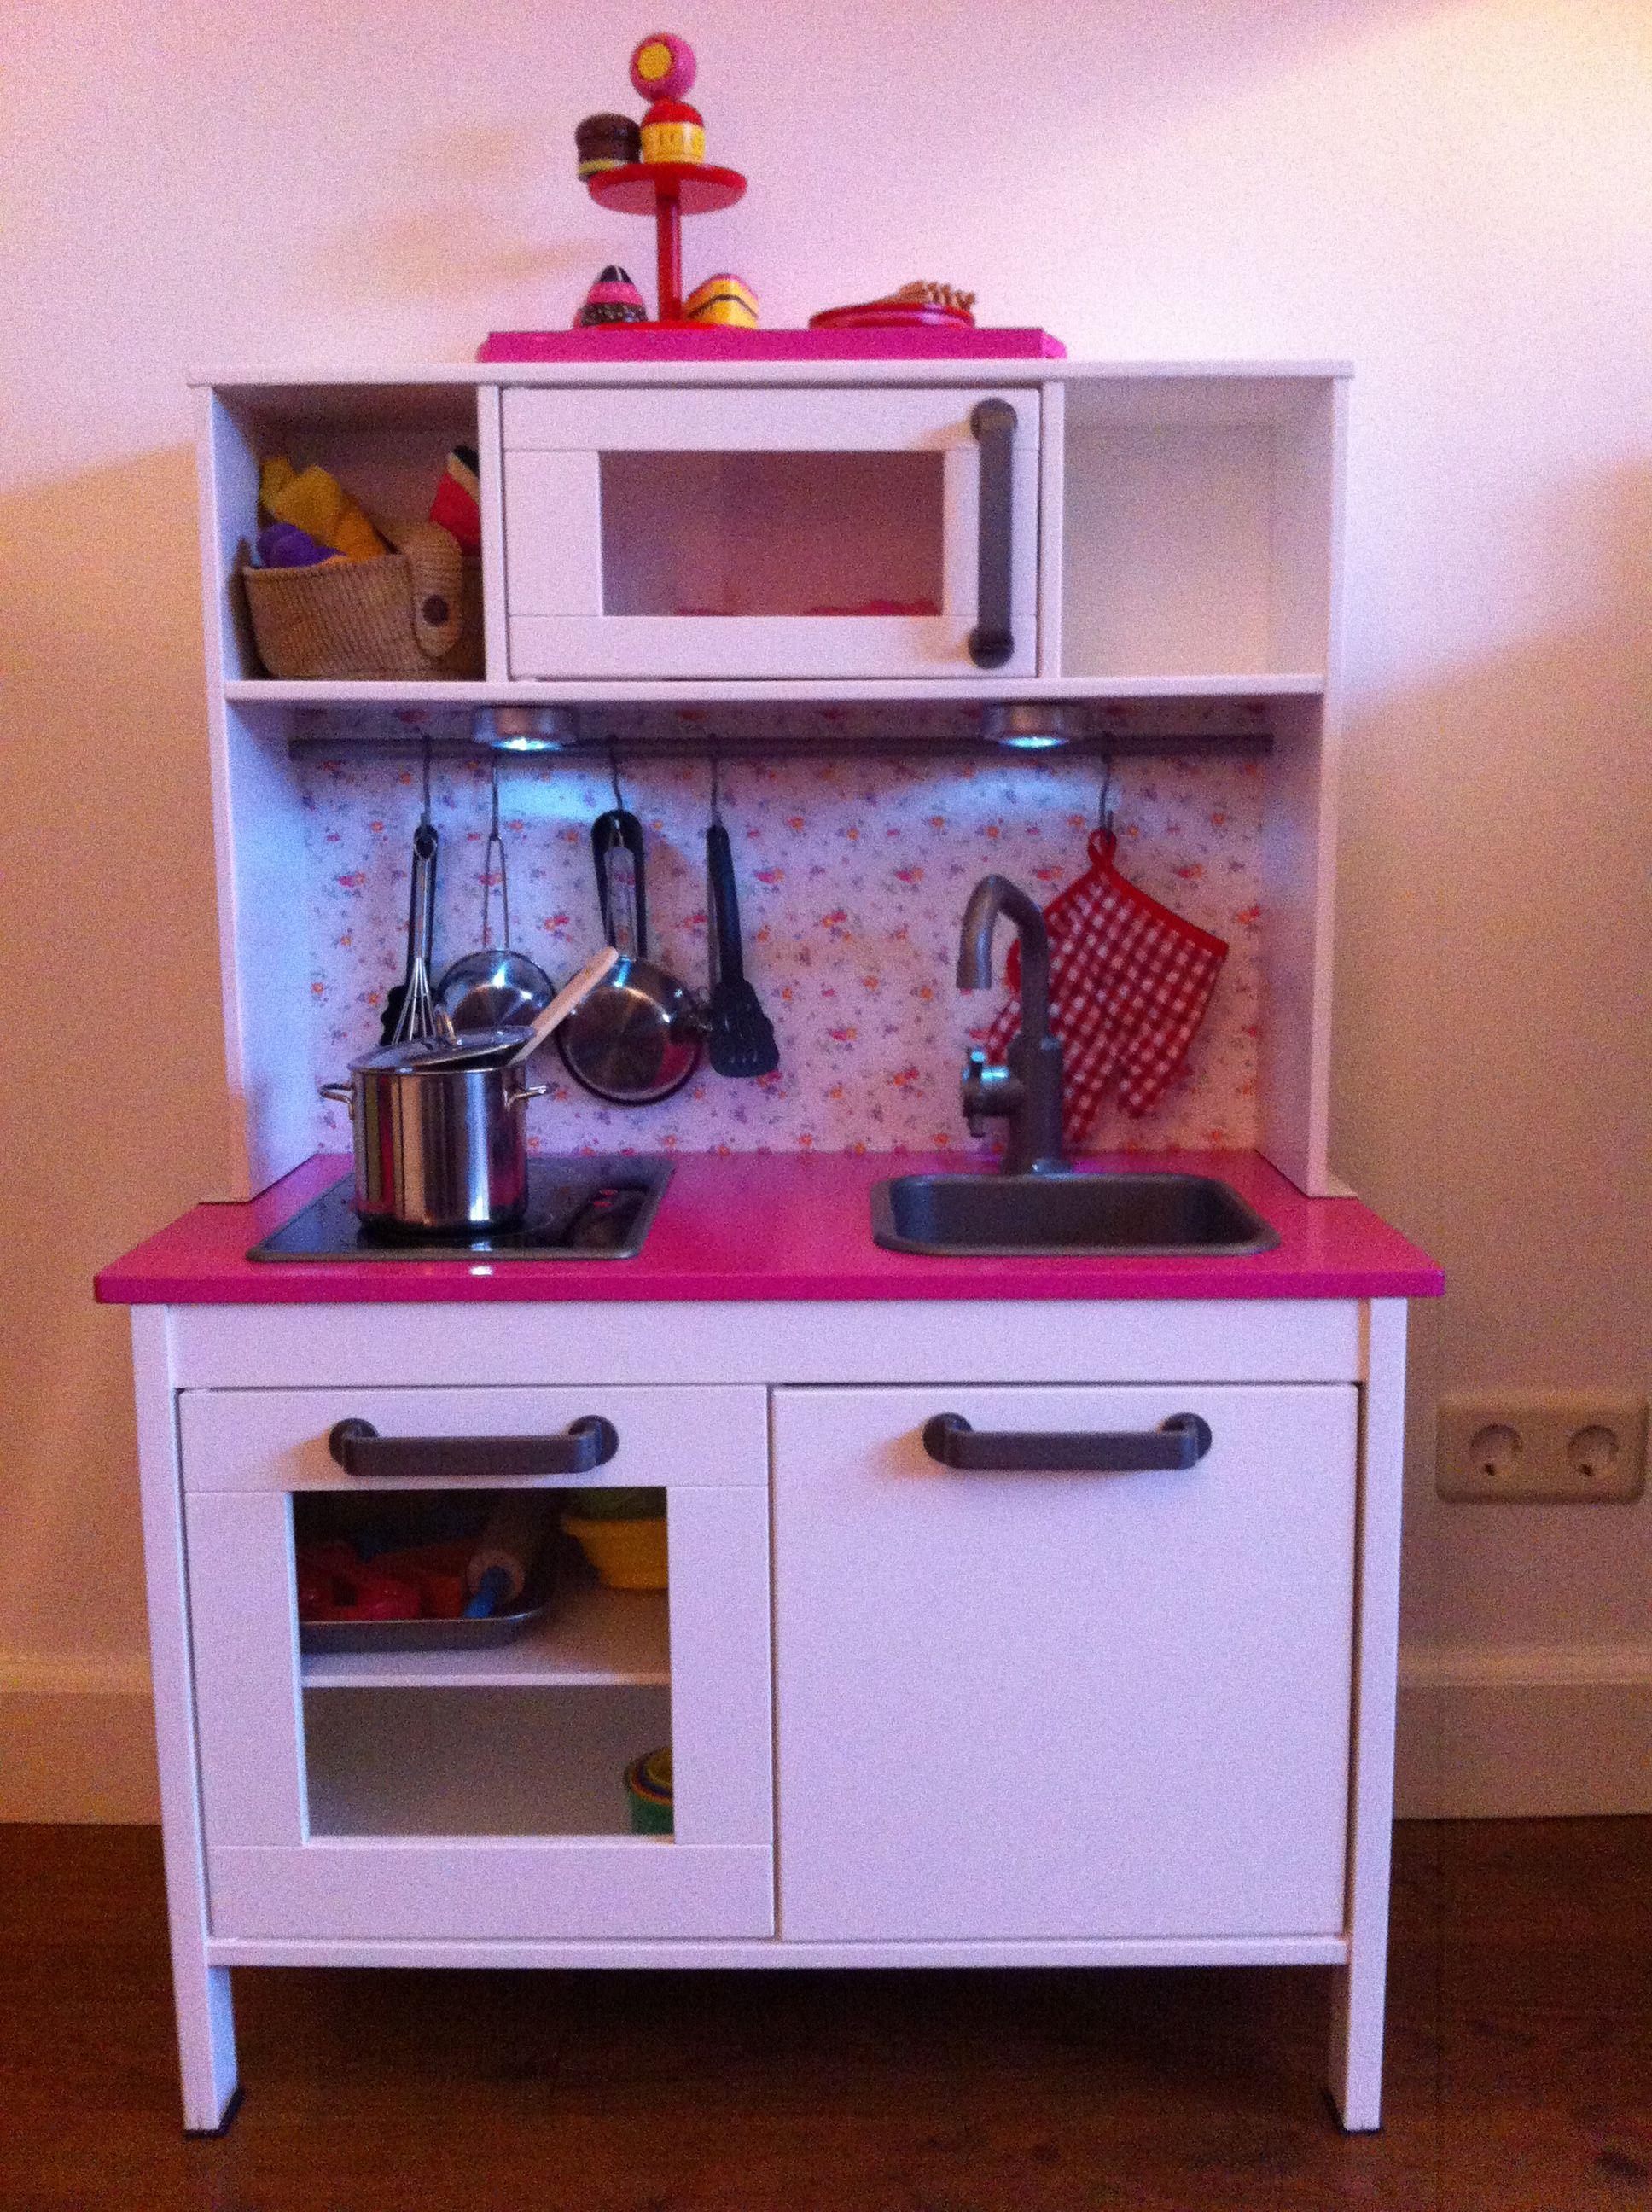 Ikea keukentje net even anders 8 de madera - Cocinas de madera para ninos ikea ...